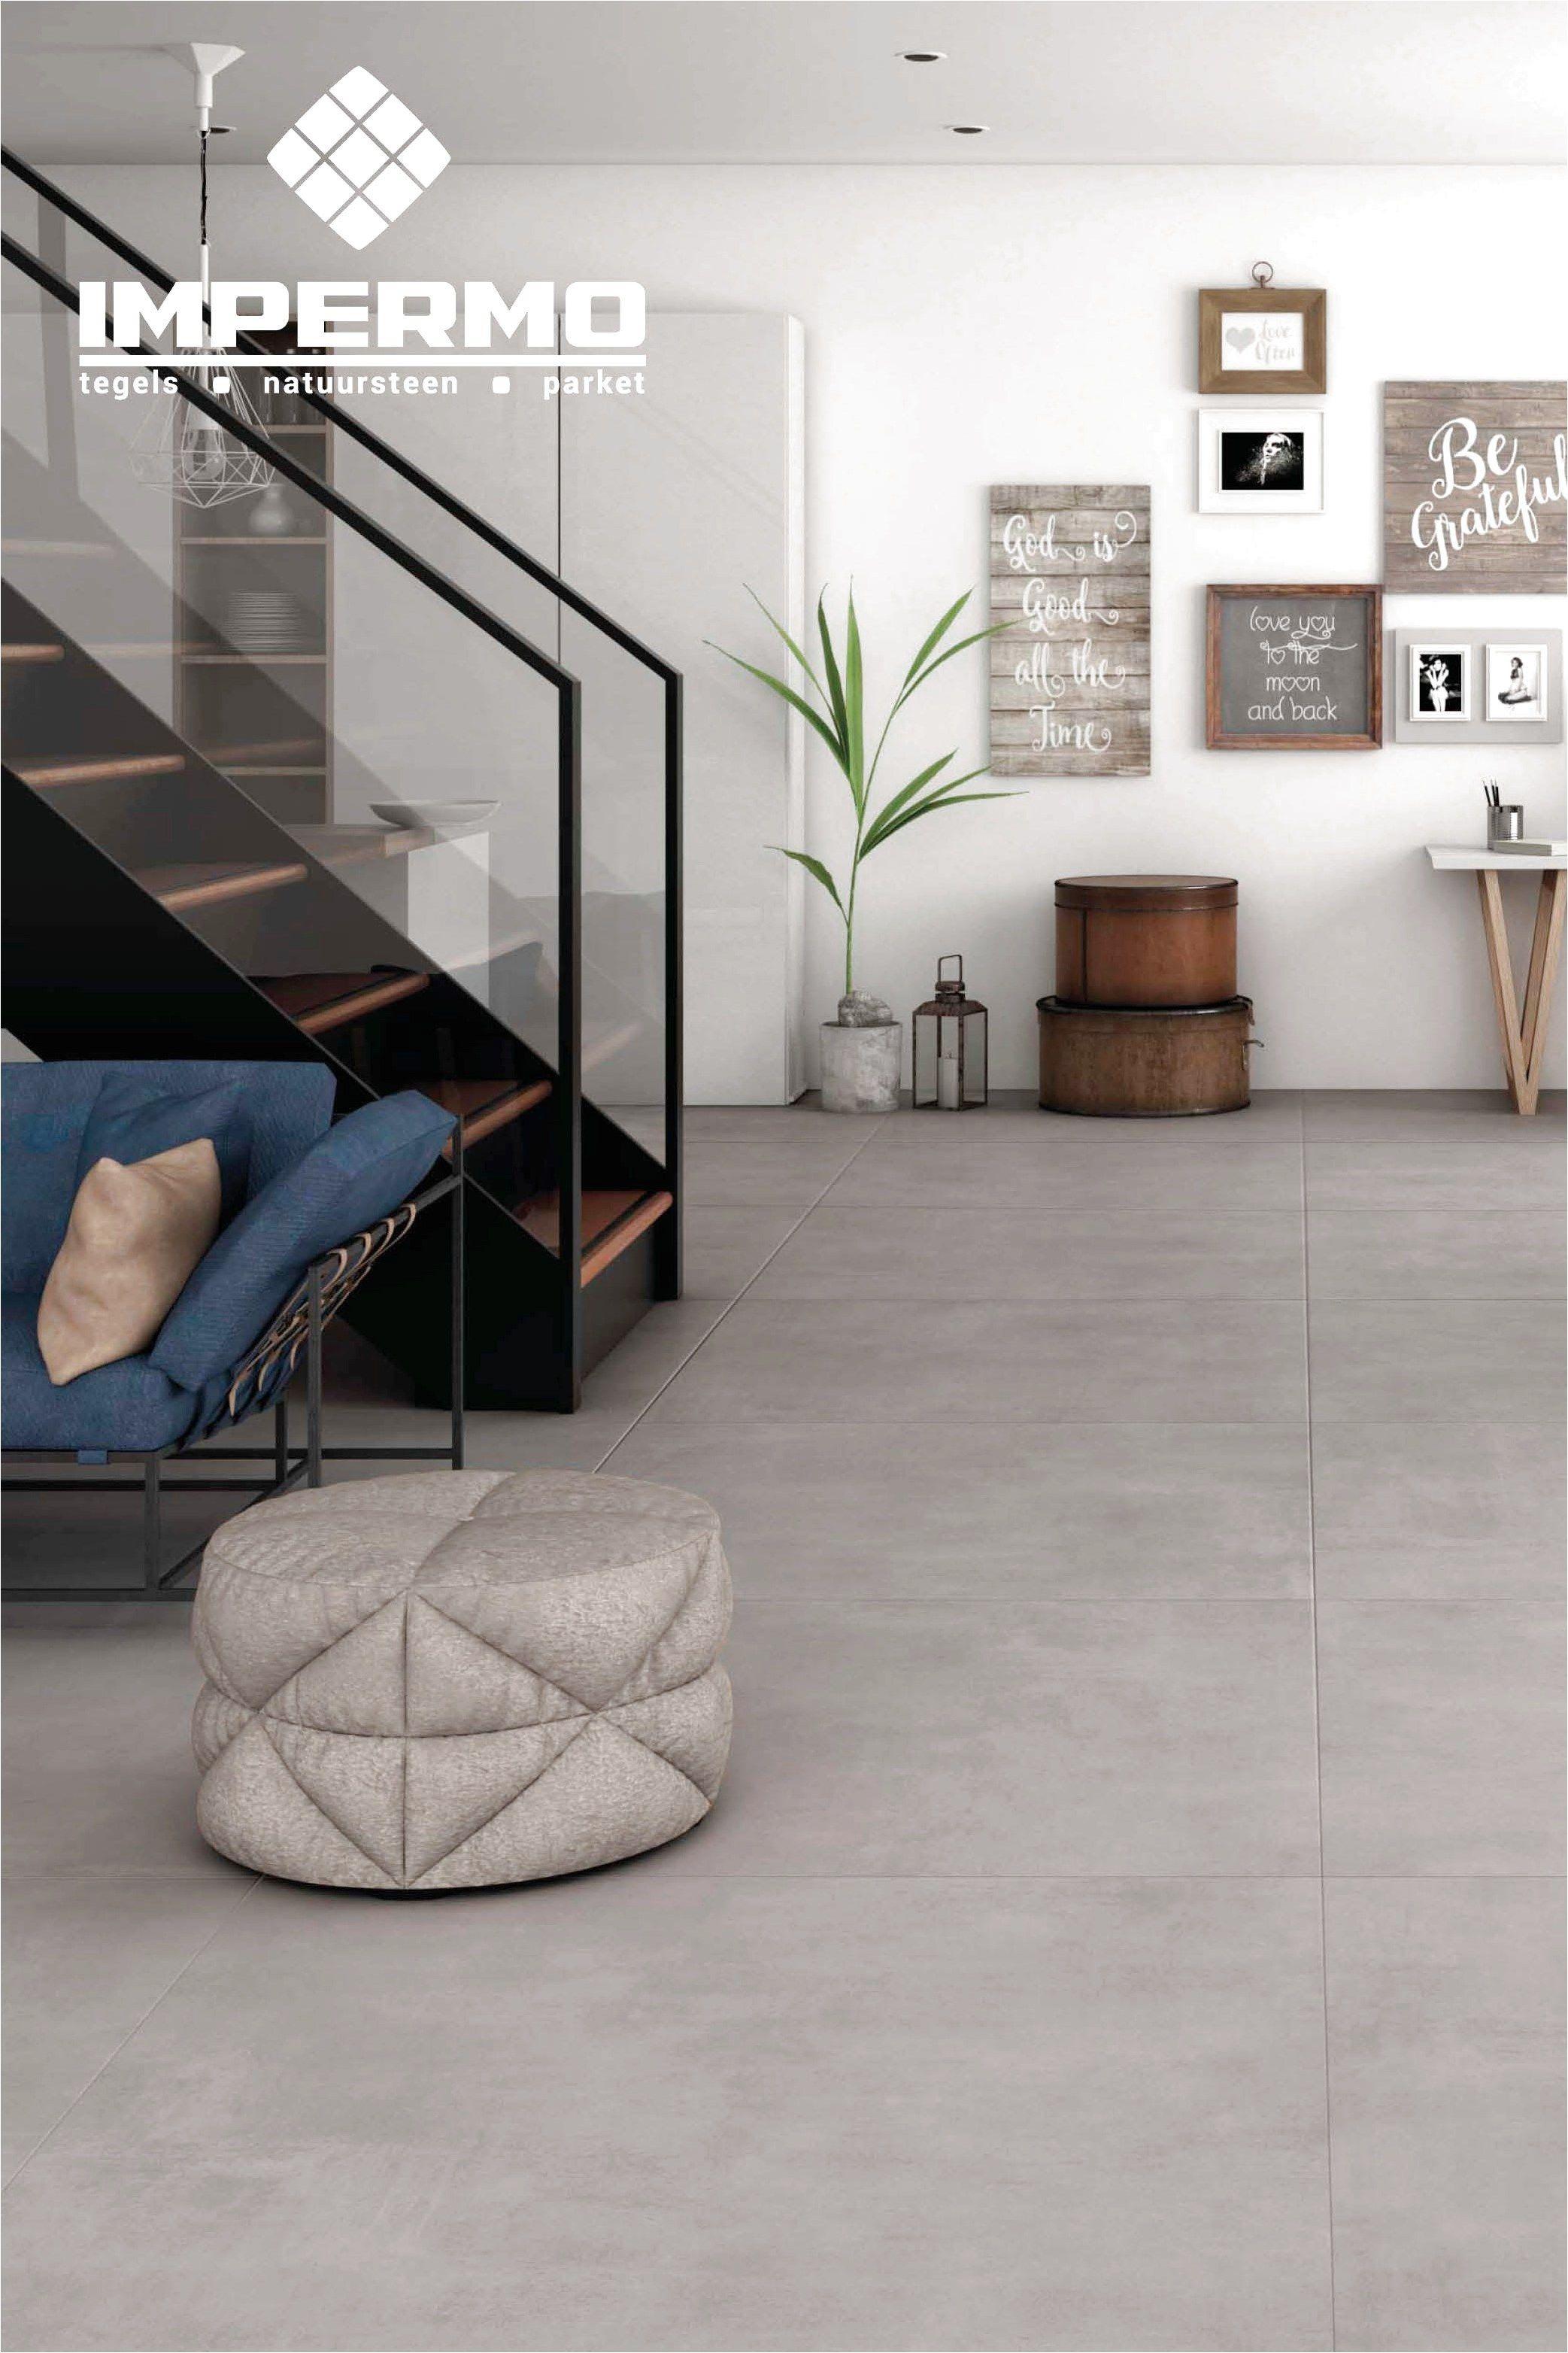 Different Designs For Your Floor Using Ceramics Met Afbeeldingen